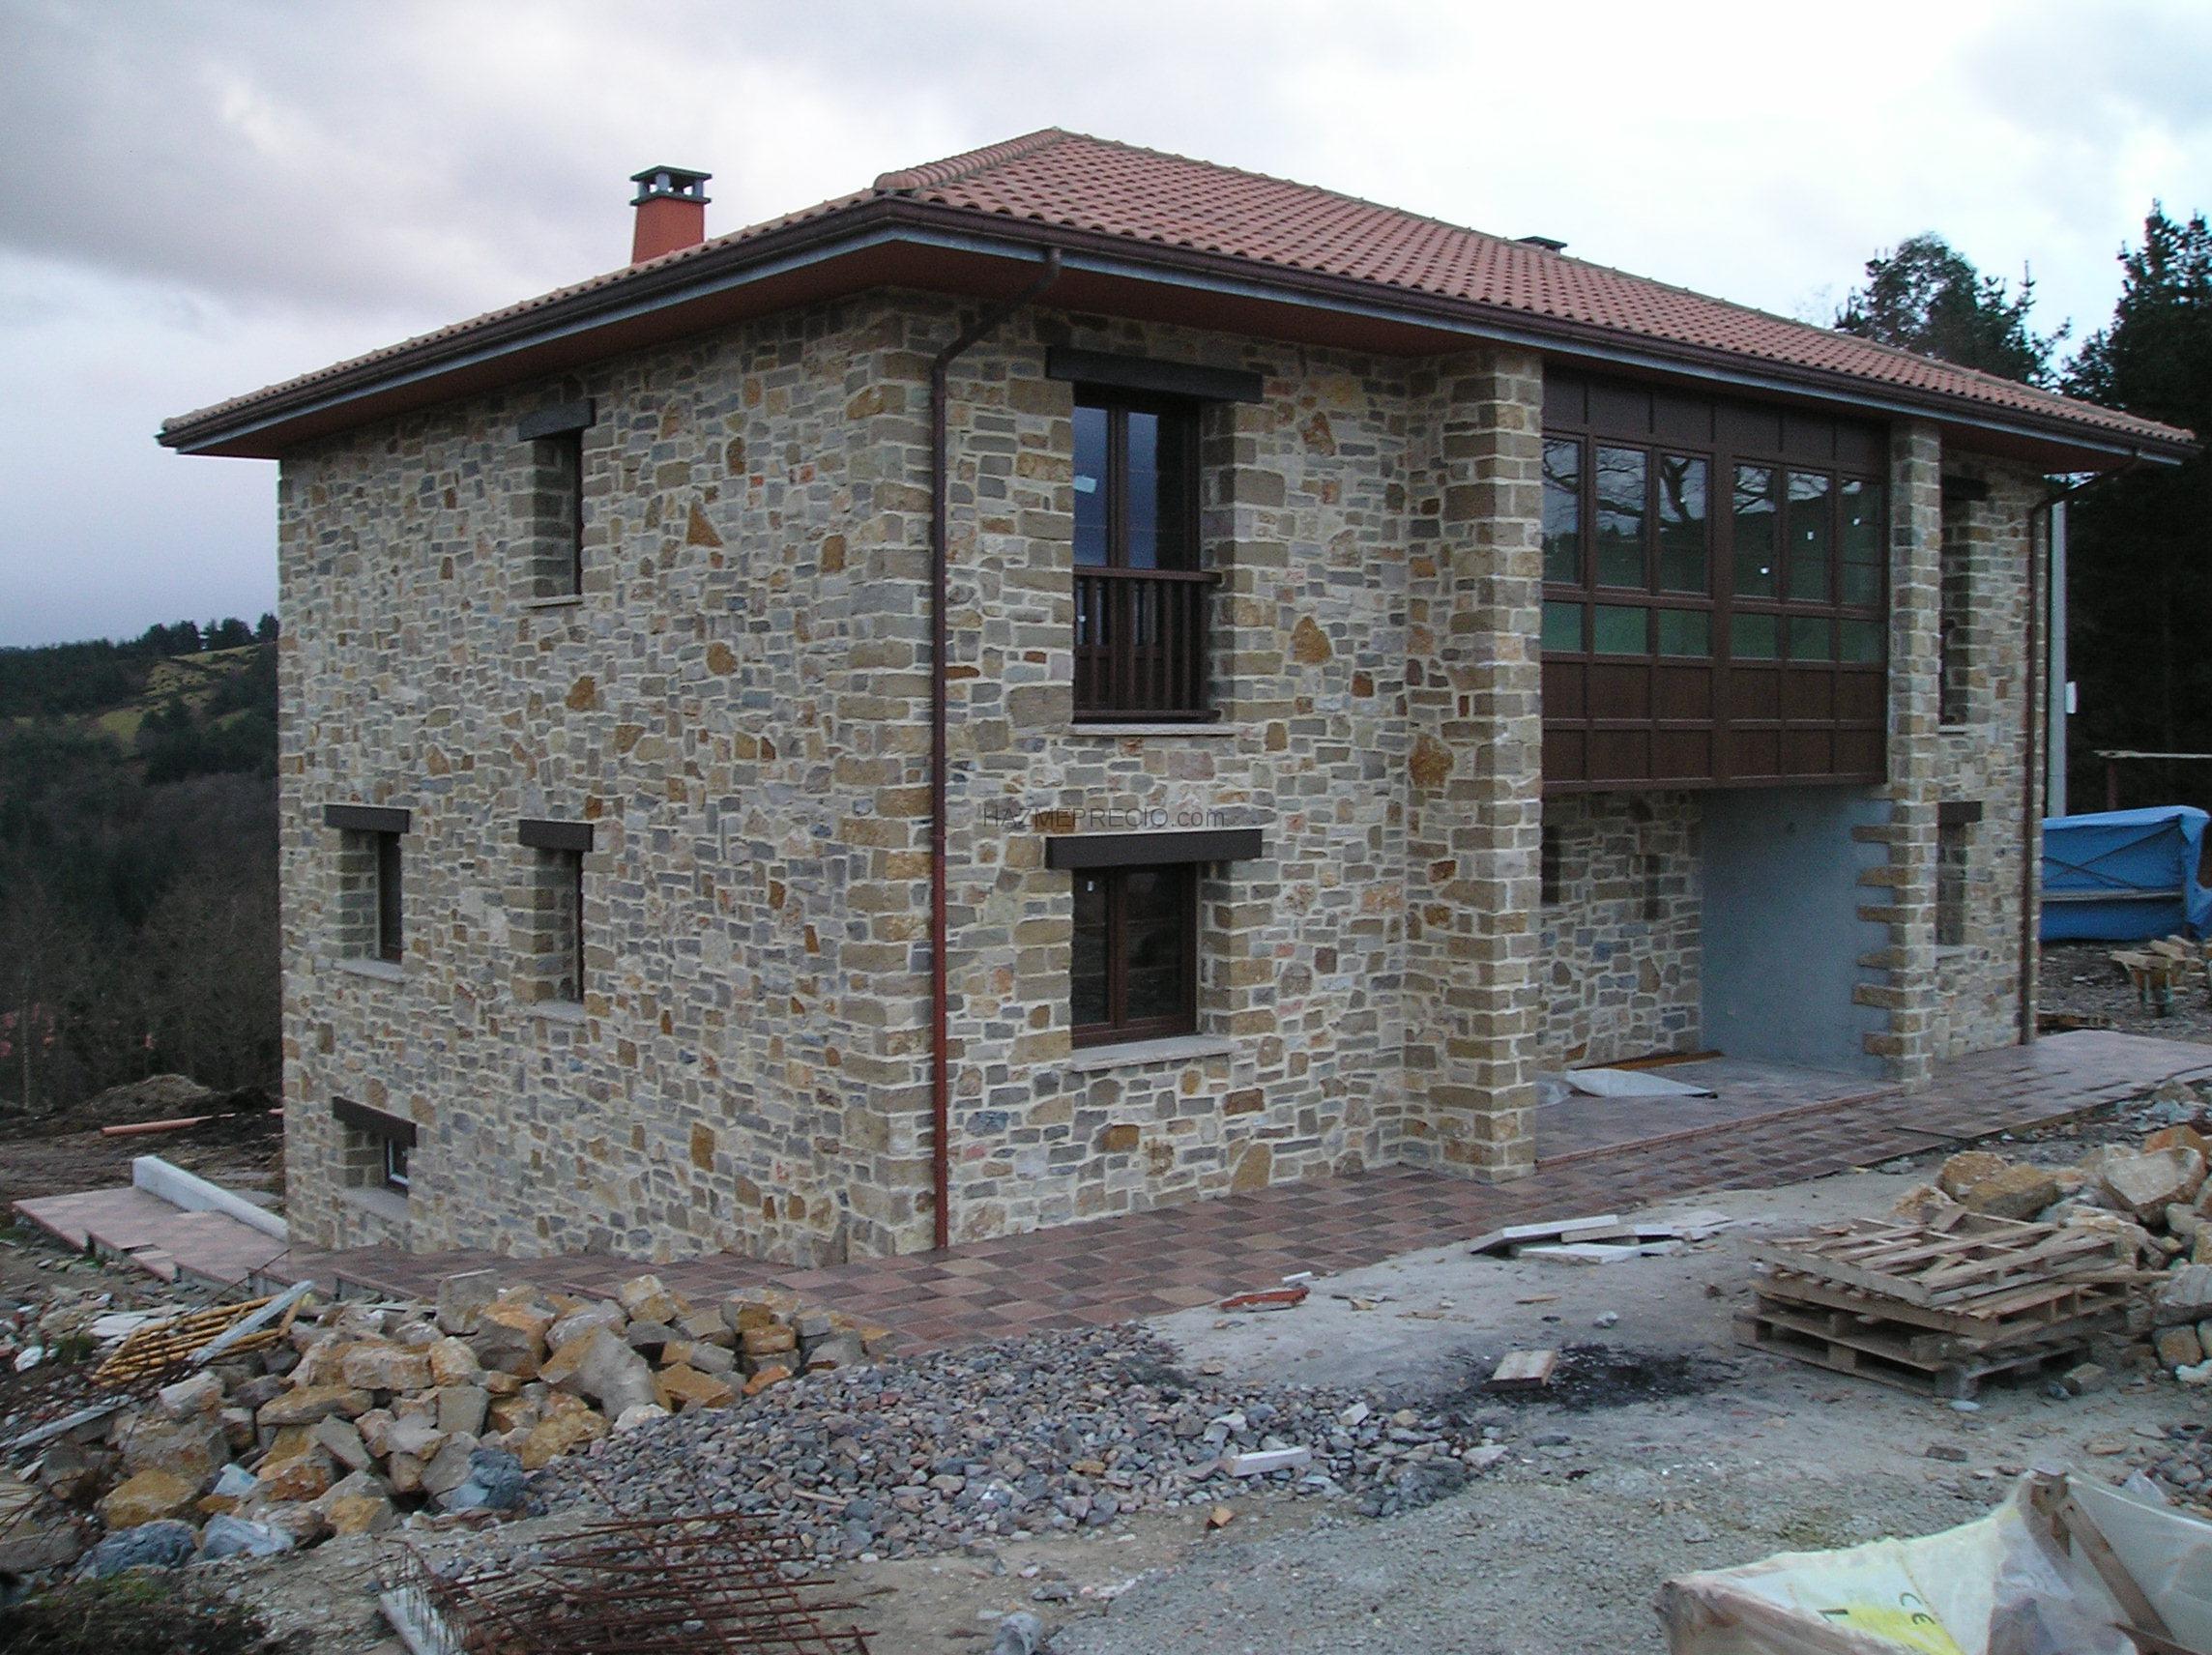 Casa casas modulares cmi decoraci n de interiores y - Cmi casas modulares ...